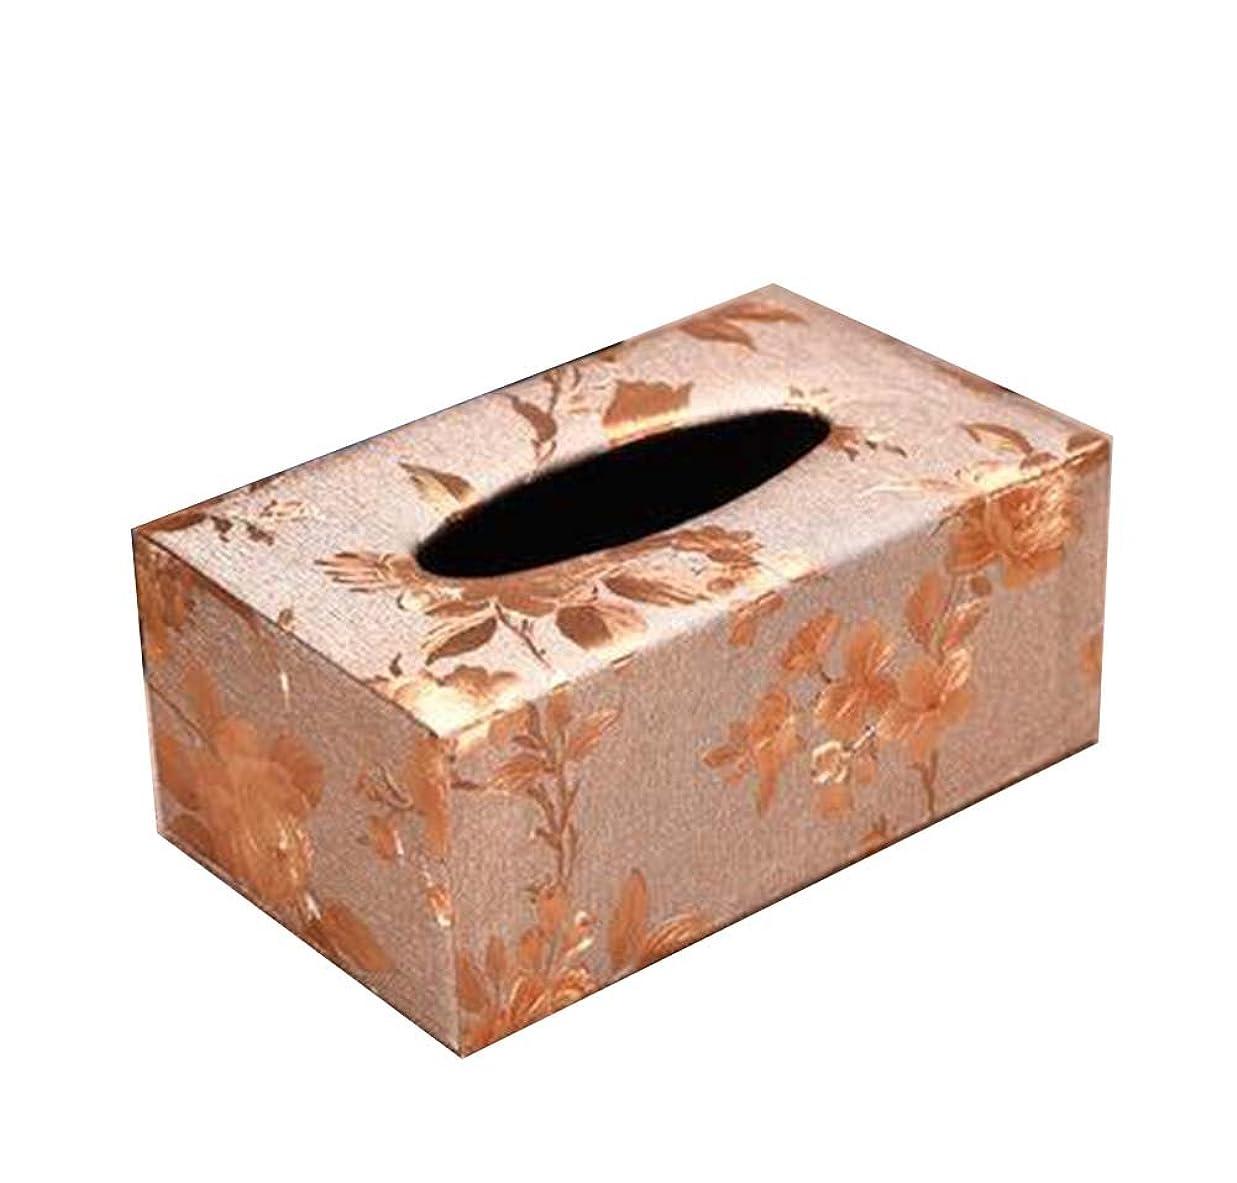 パンフレットボードあそこクリエイティブティッシュボックスコンチネンタルホームリビングルーム&ホテルペーパーボックス[Q]